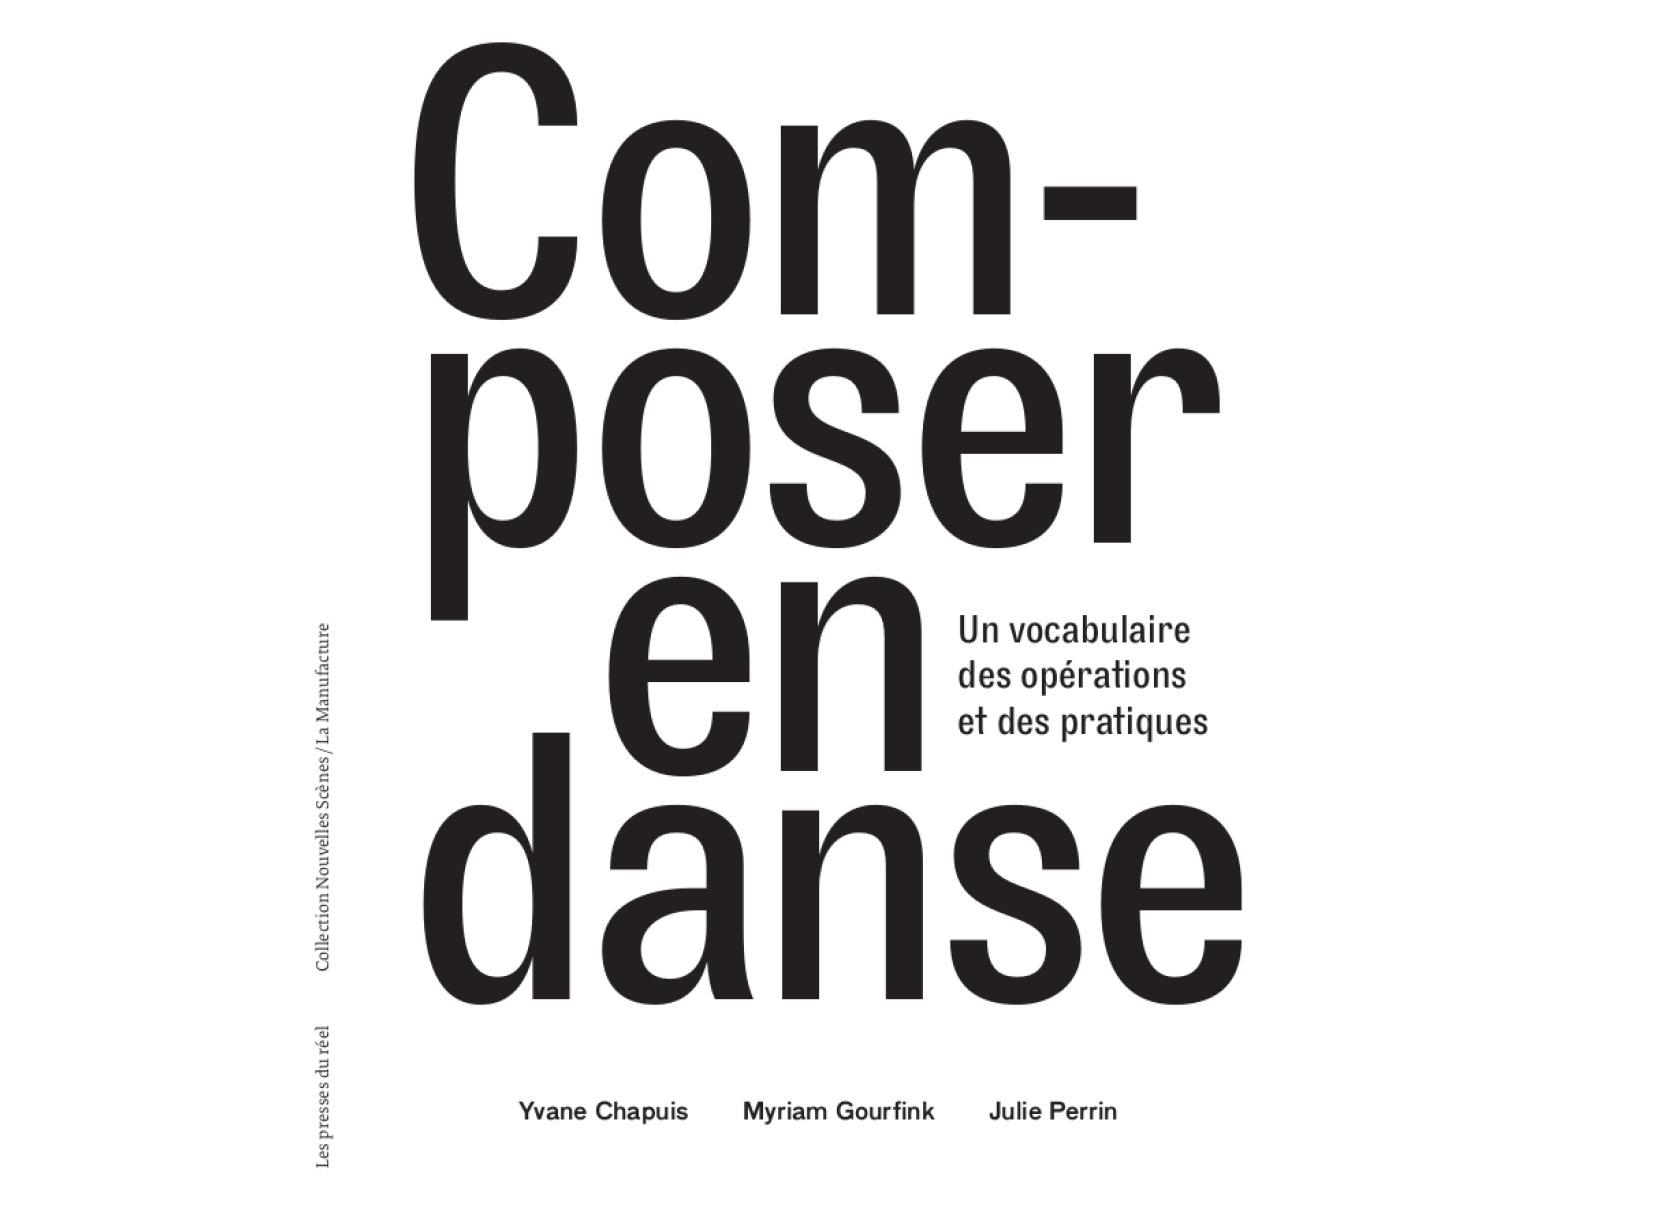 Composer en danse : Rencontre/discussion entre Myriam Gourfink, Yvane Chapuis et Julie Perrin et avec Cédric Chaory